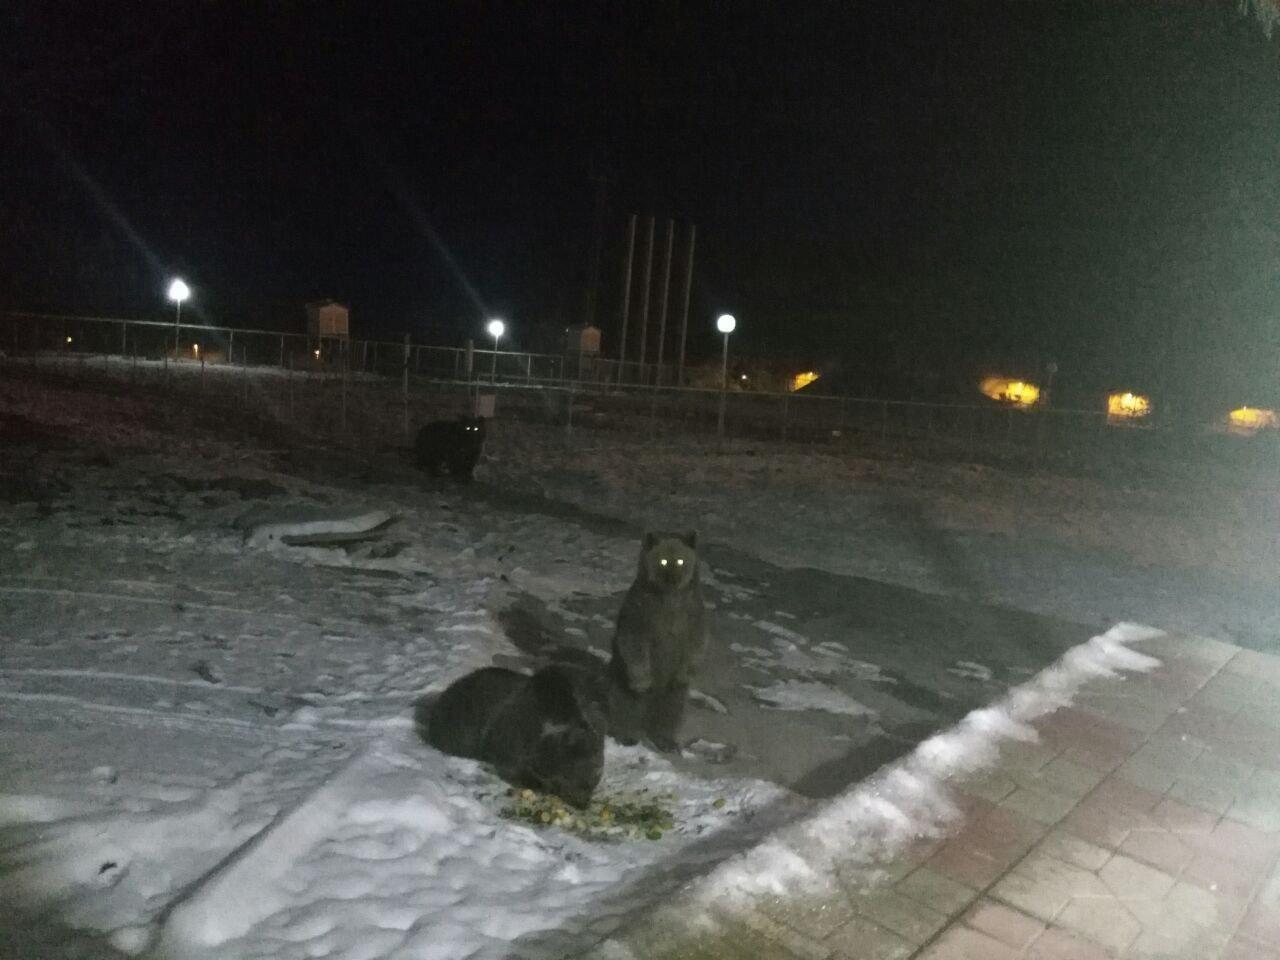 مشاهده خرس مادر و دو بچه اش در محور کندوان